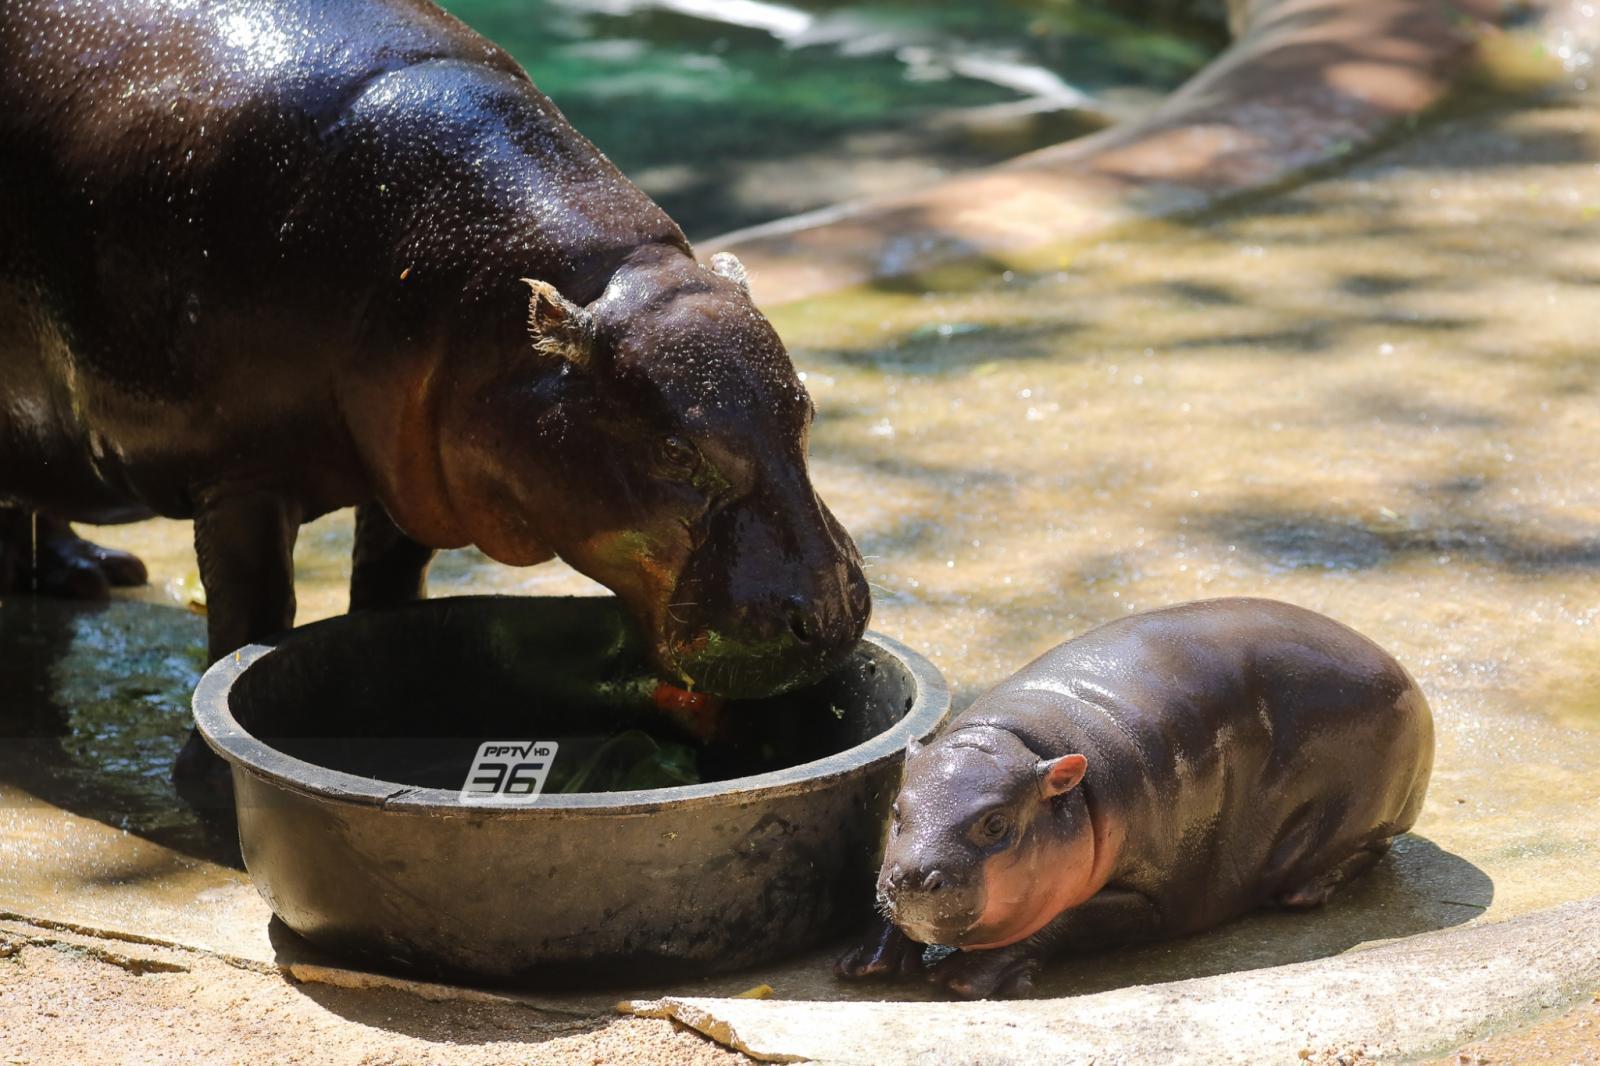 ทำไมวันเด็กต้องเที่ยวสวนสัตว์ แล้วปีนี้ที่สวนสัตว์มีอะไรรอเด็กๆ